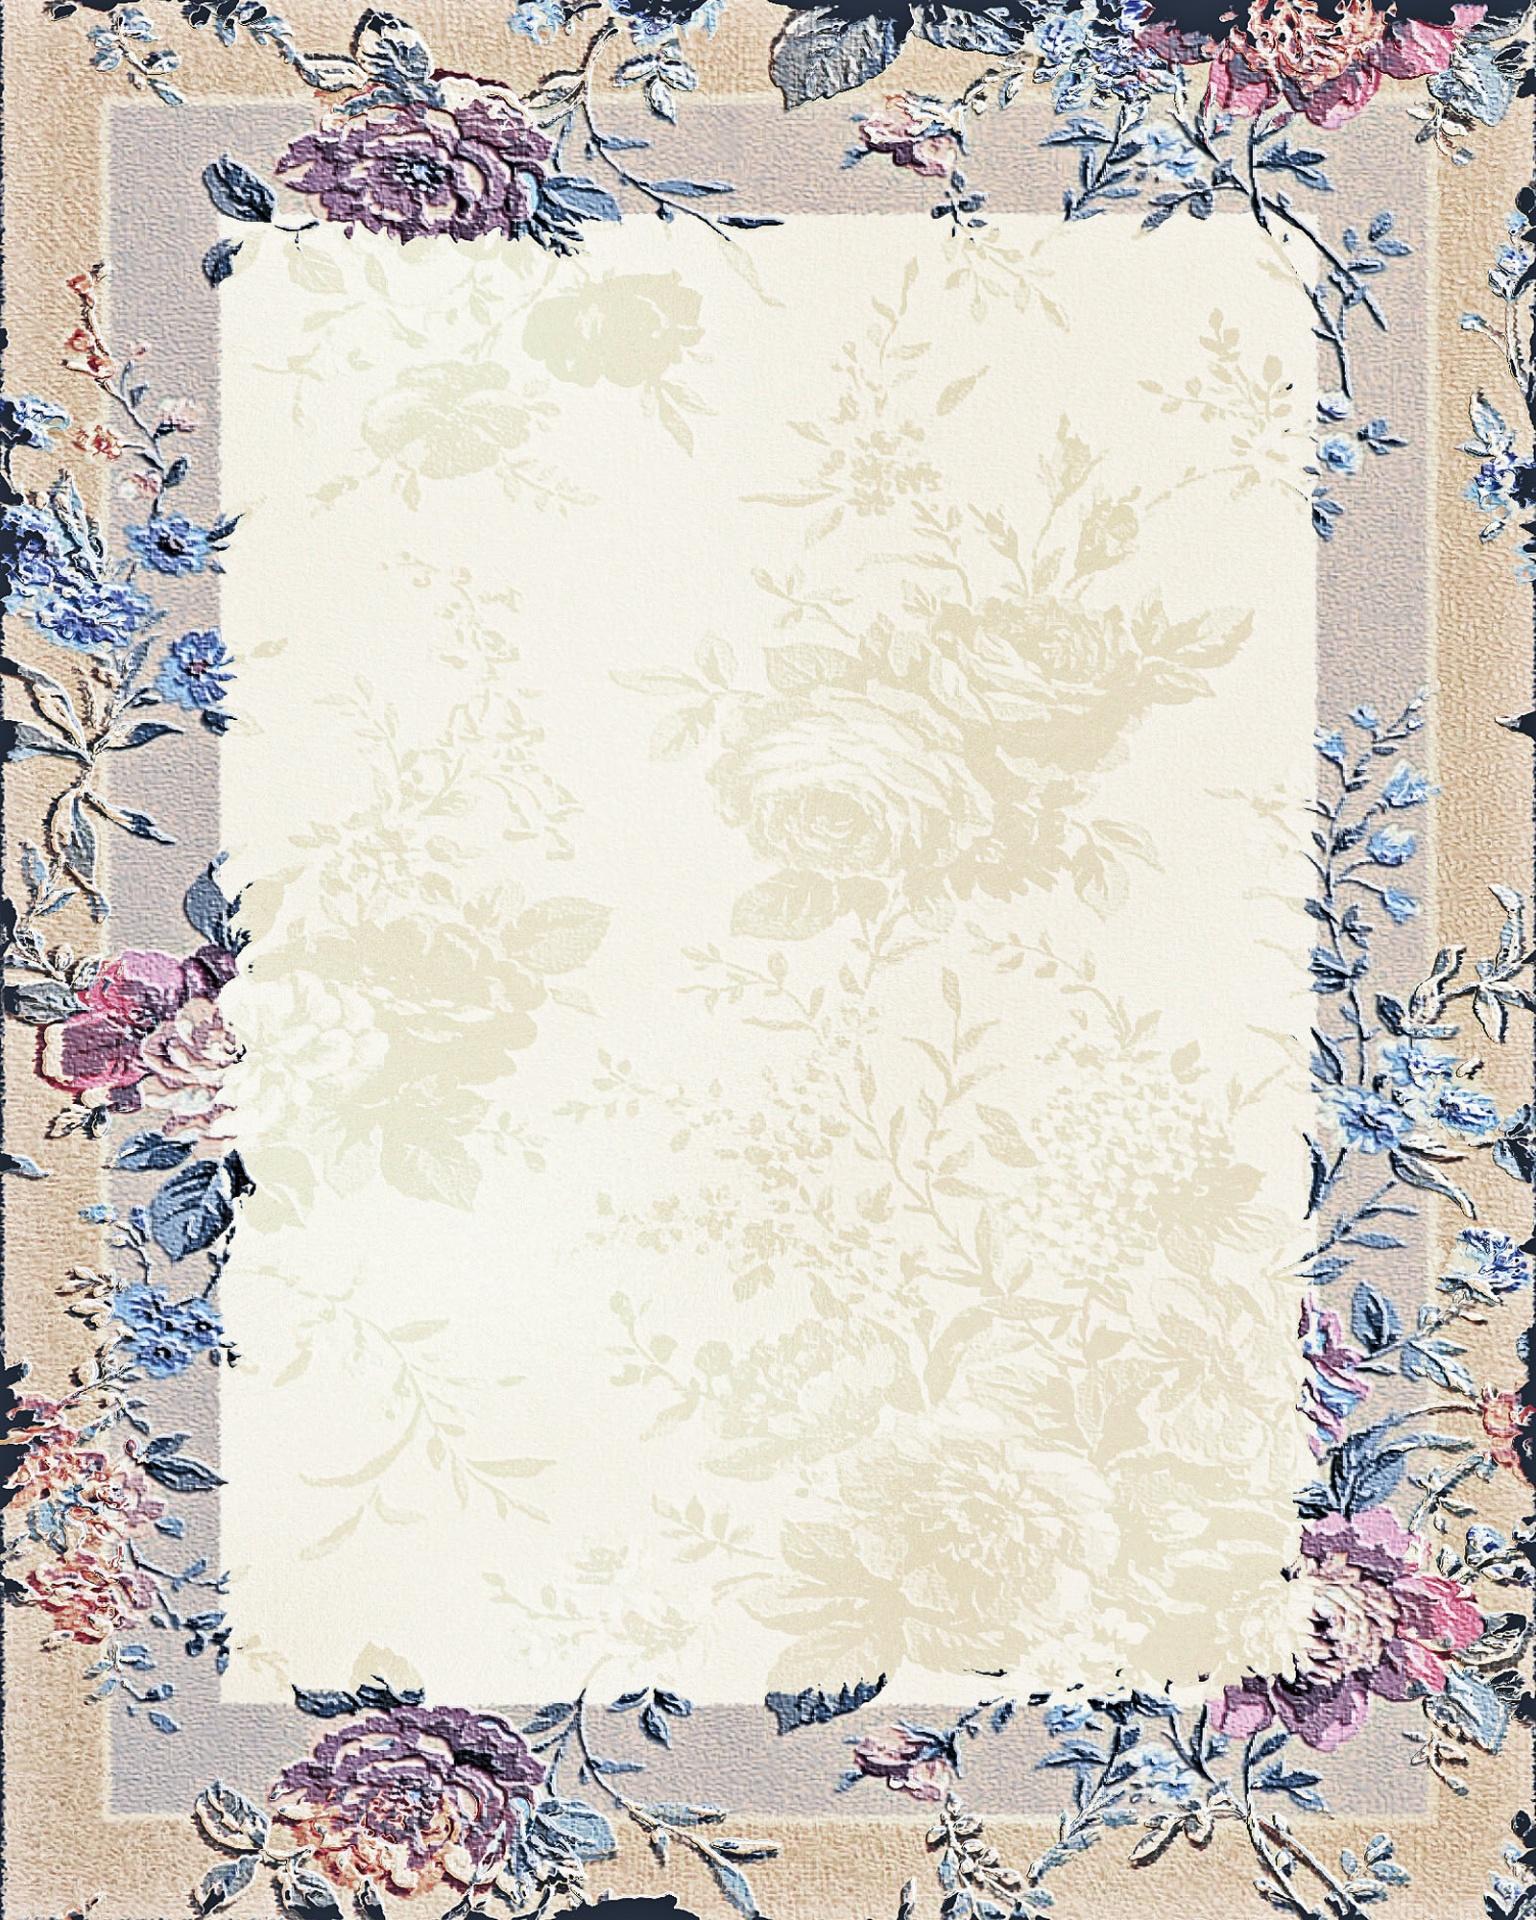 Floralframedecorativeportraitfloral Frame Background 21